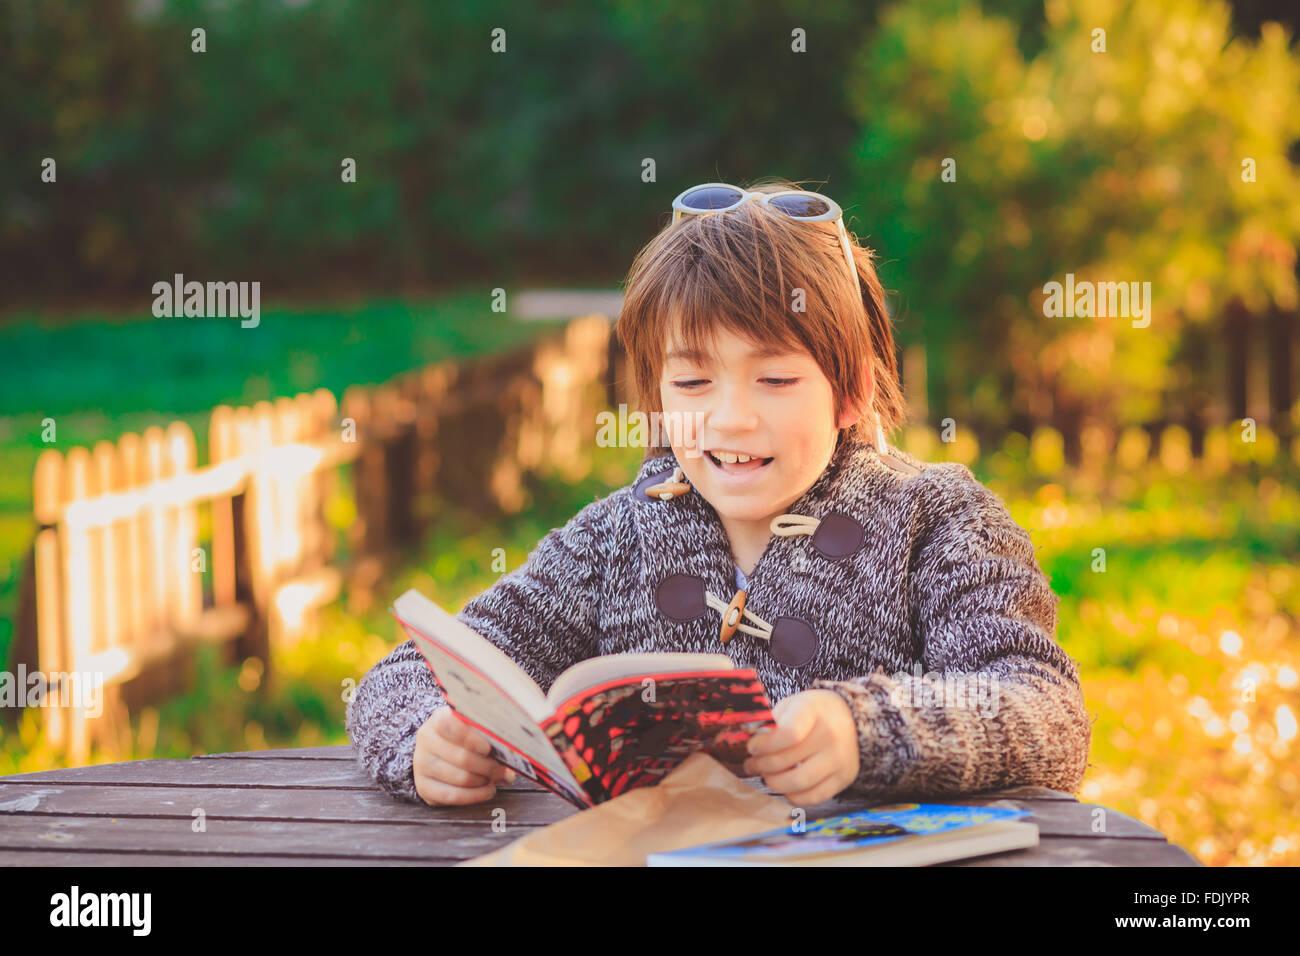 Chico leyendo en el jardín del libro Foto de stock